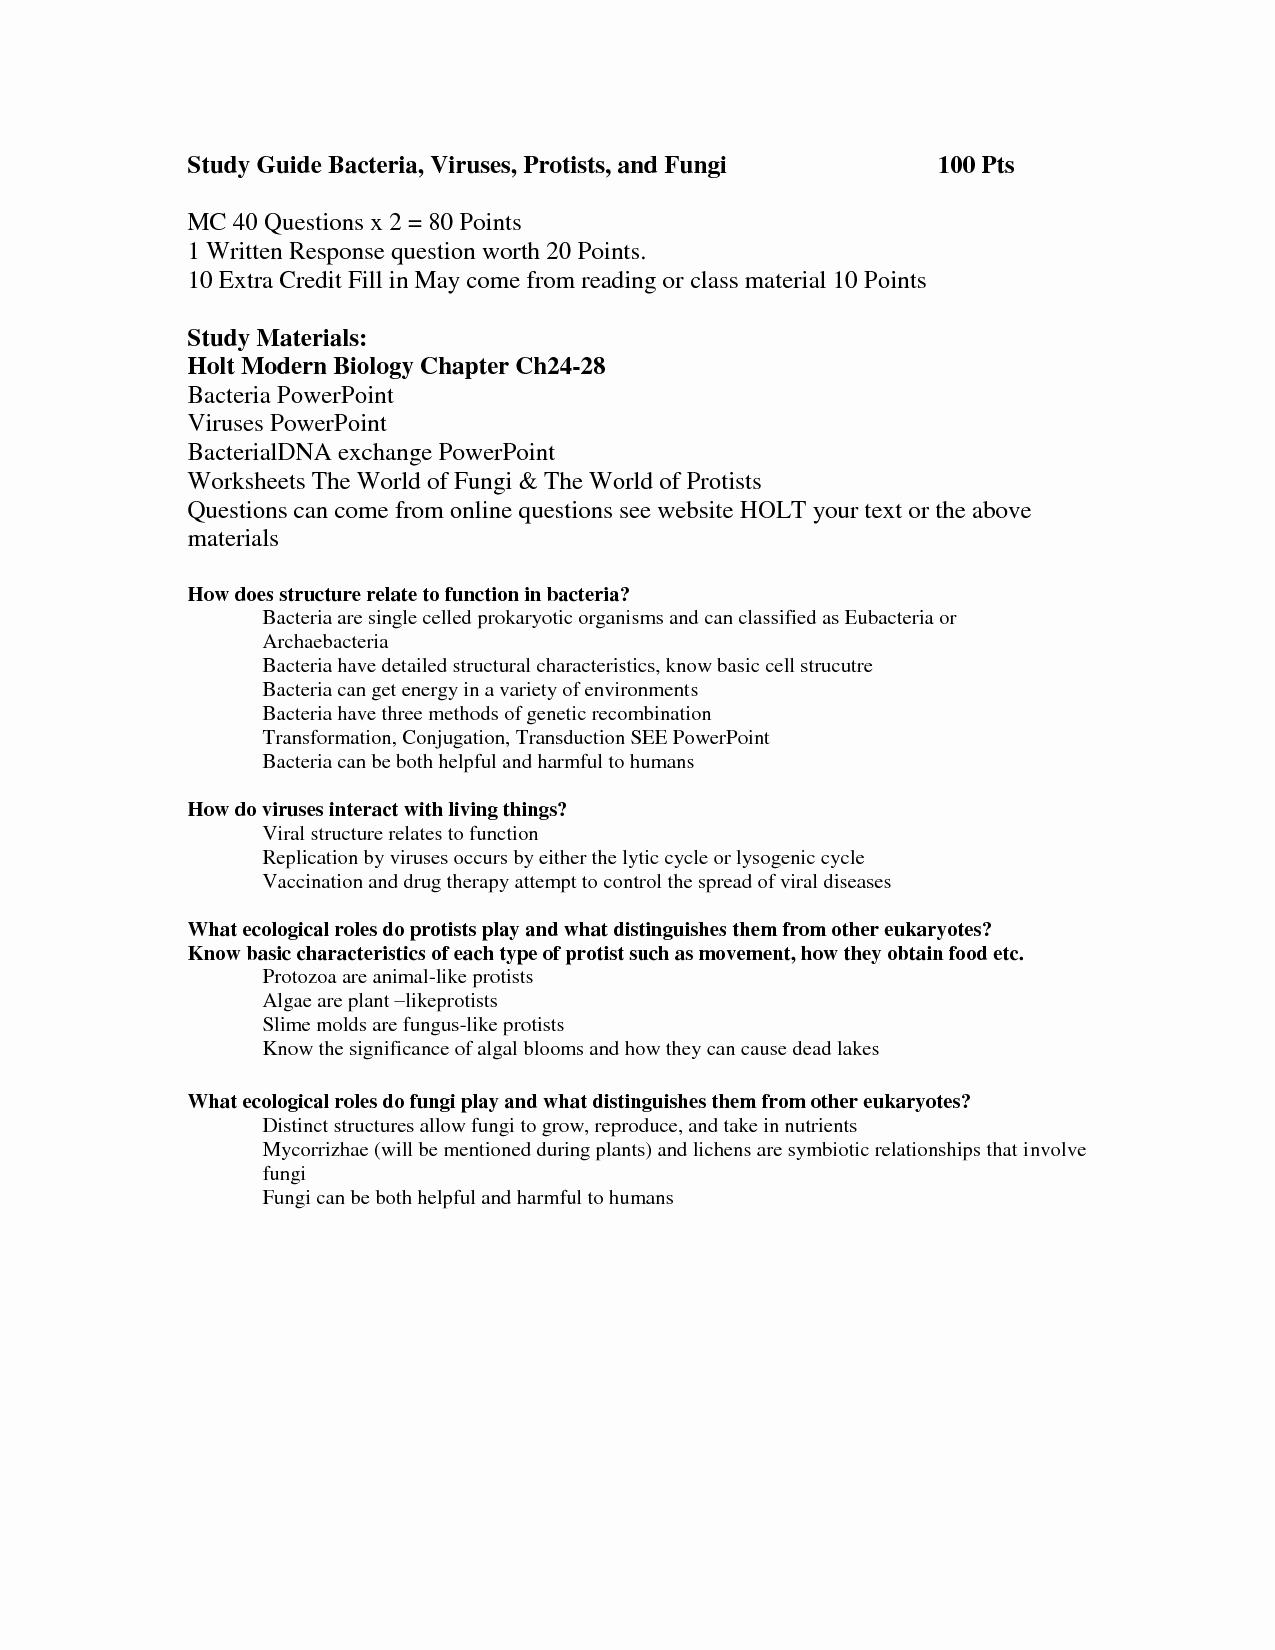 Virus and Bacteria Worksheet Key Luxury 14 Best Of Viruses and Bacteria Worksheets